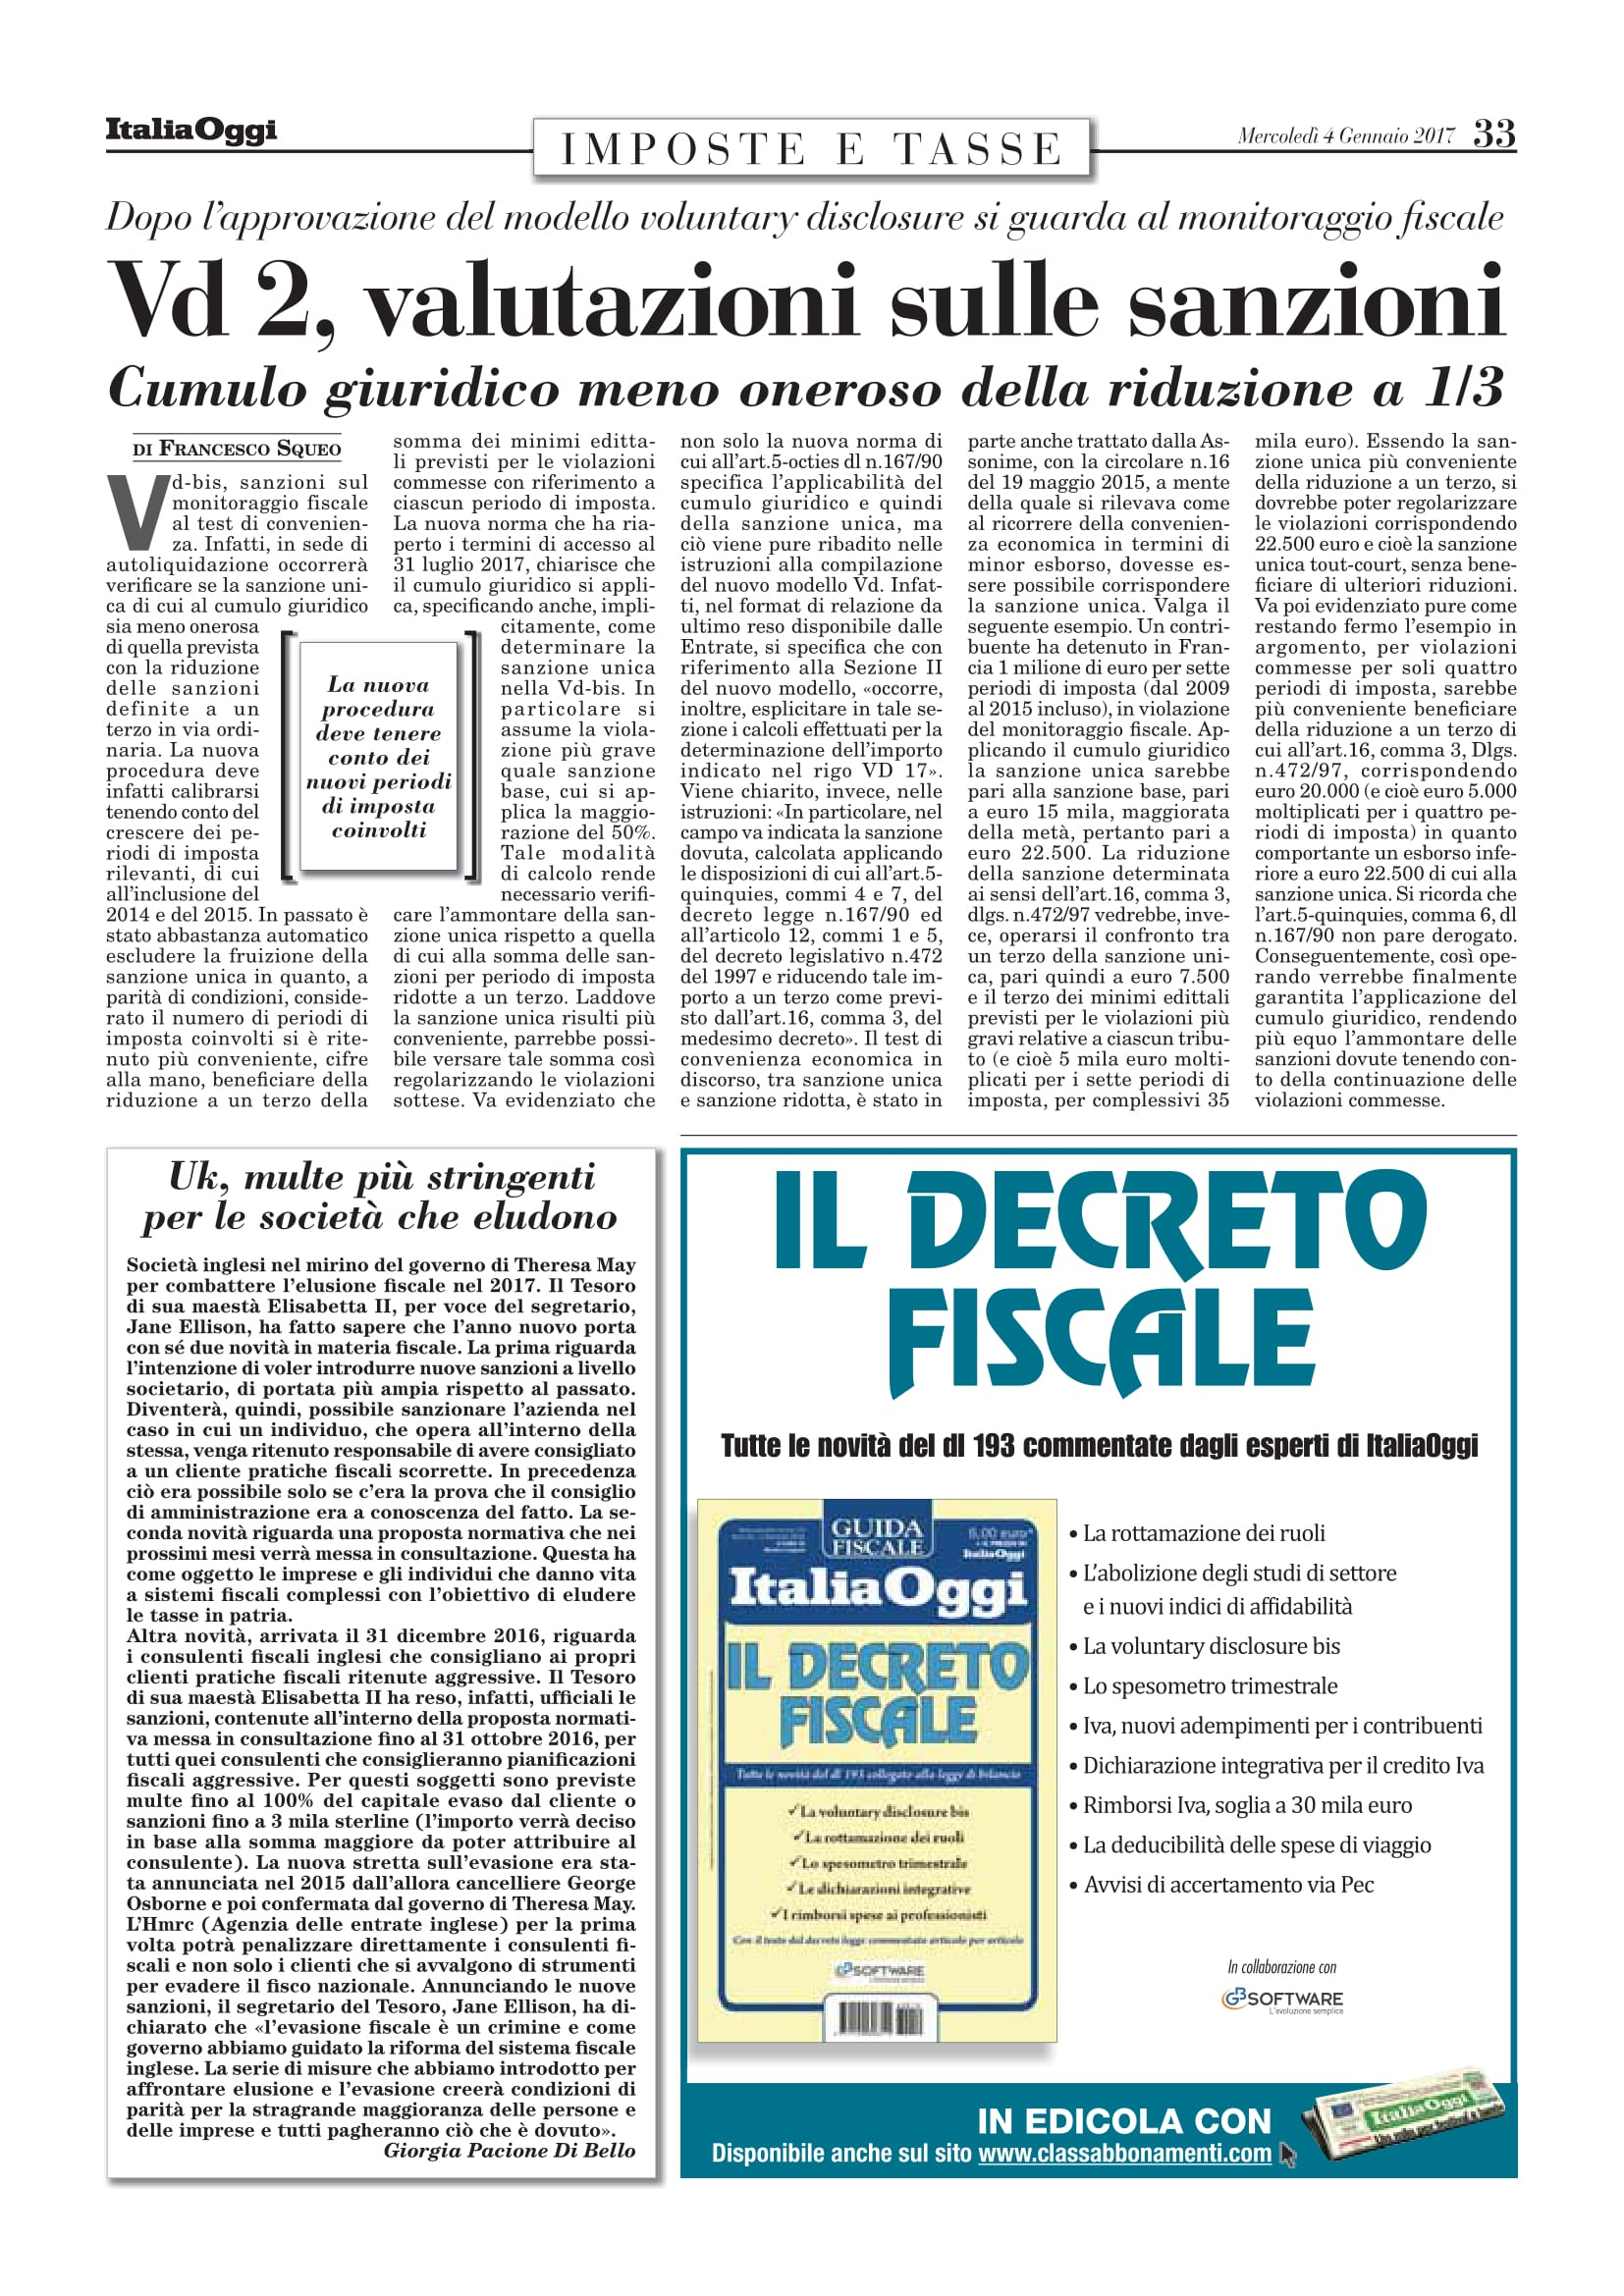 pubblicazione su italiaoggi a Milano